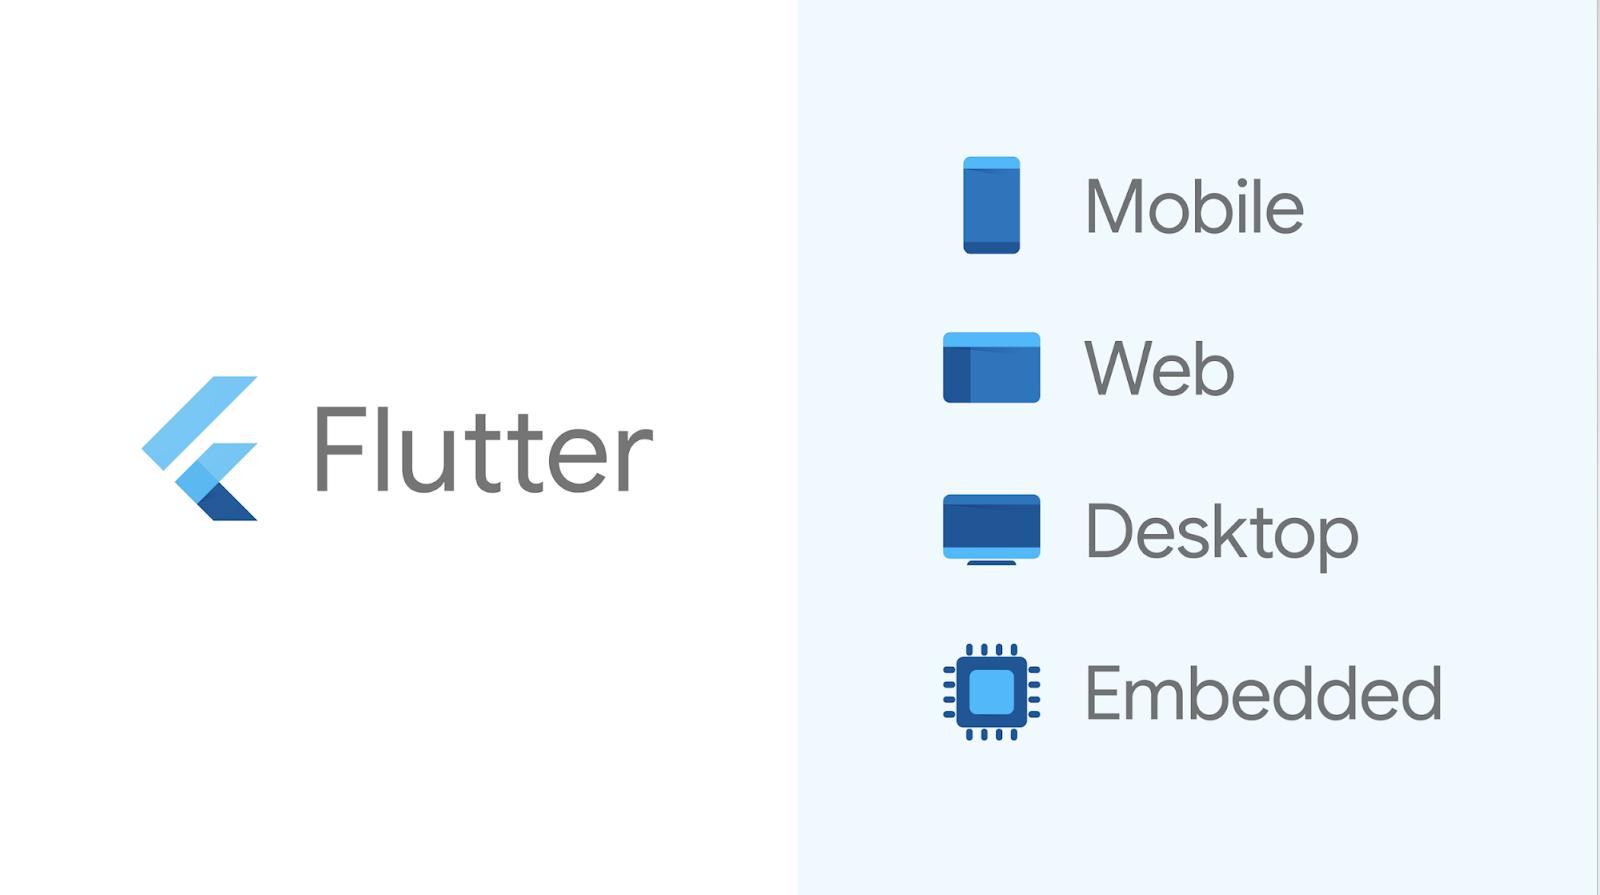 تقنية Flutter أصبحت متاحة لكل المنصات ... إليك نظرة أقرب عن هذا التحديث